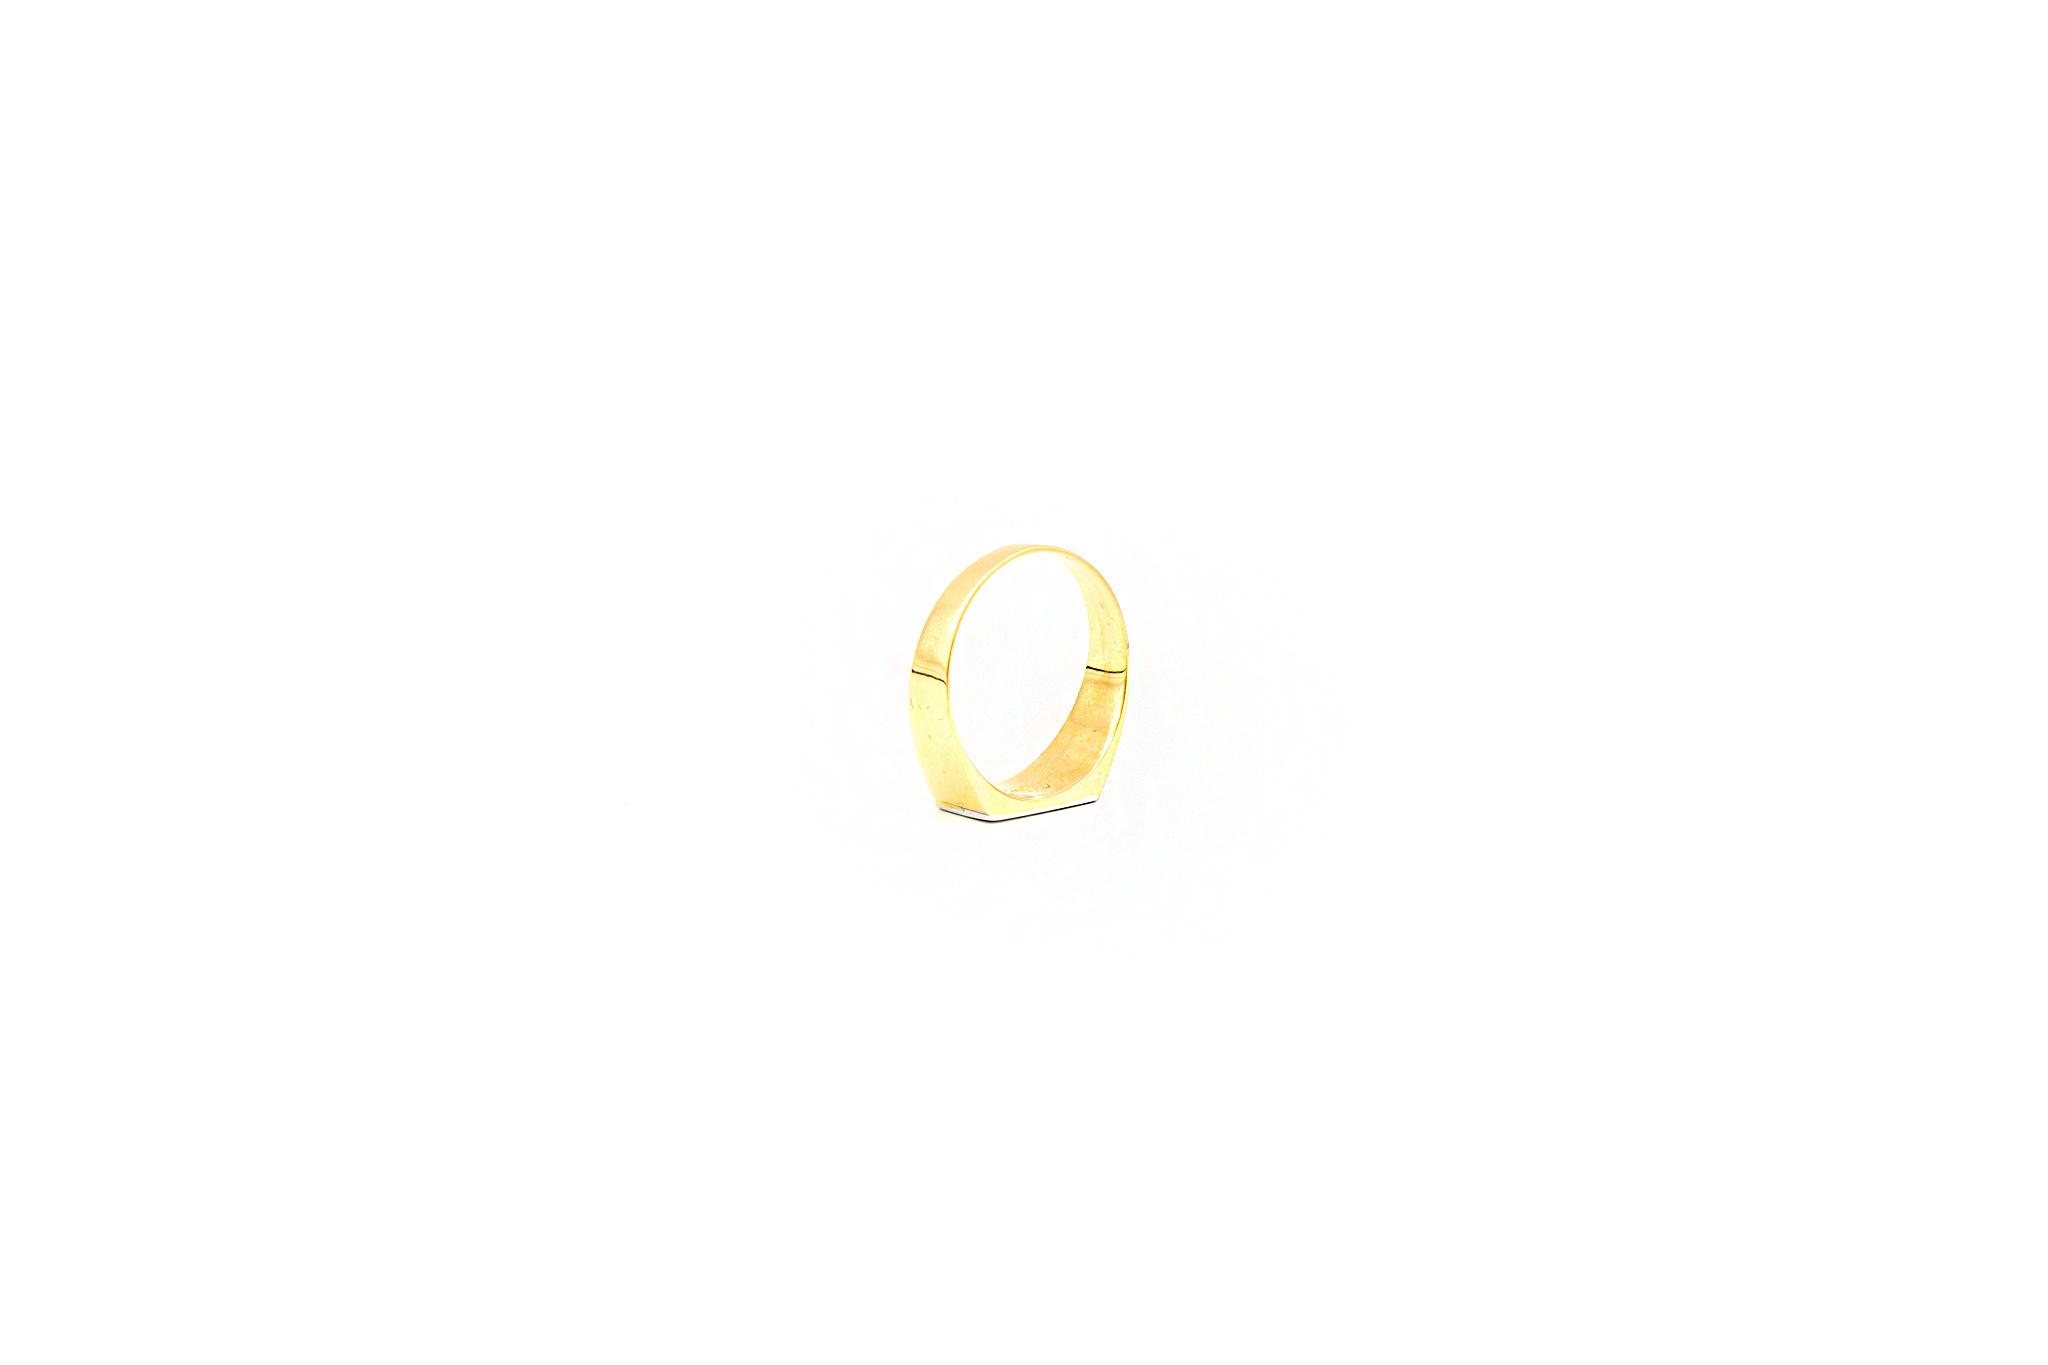 Ring zegel bicolor met mat effect-5